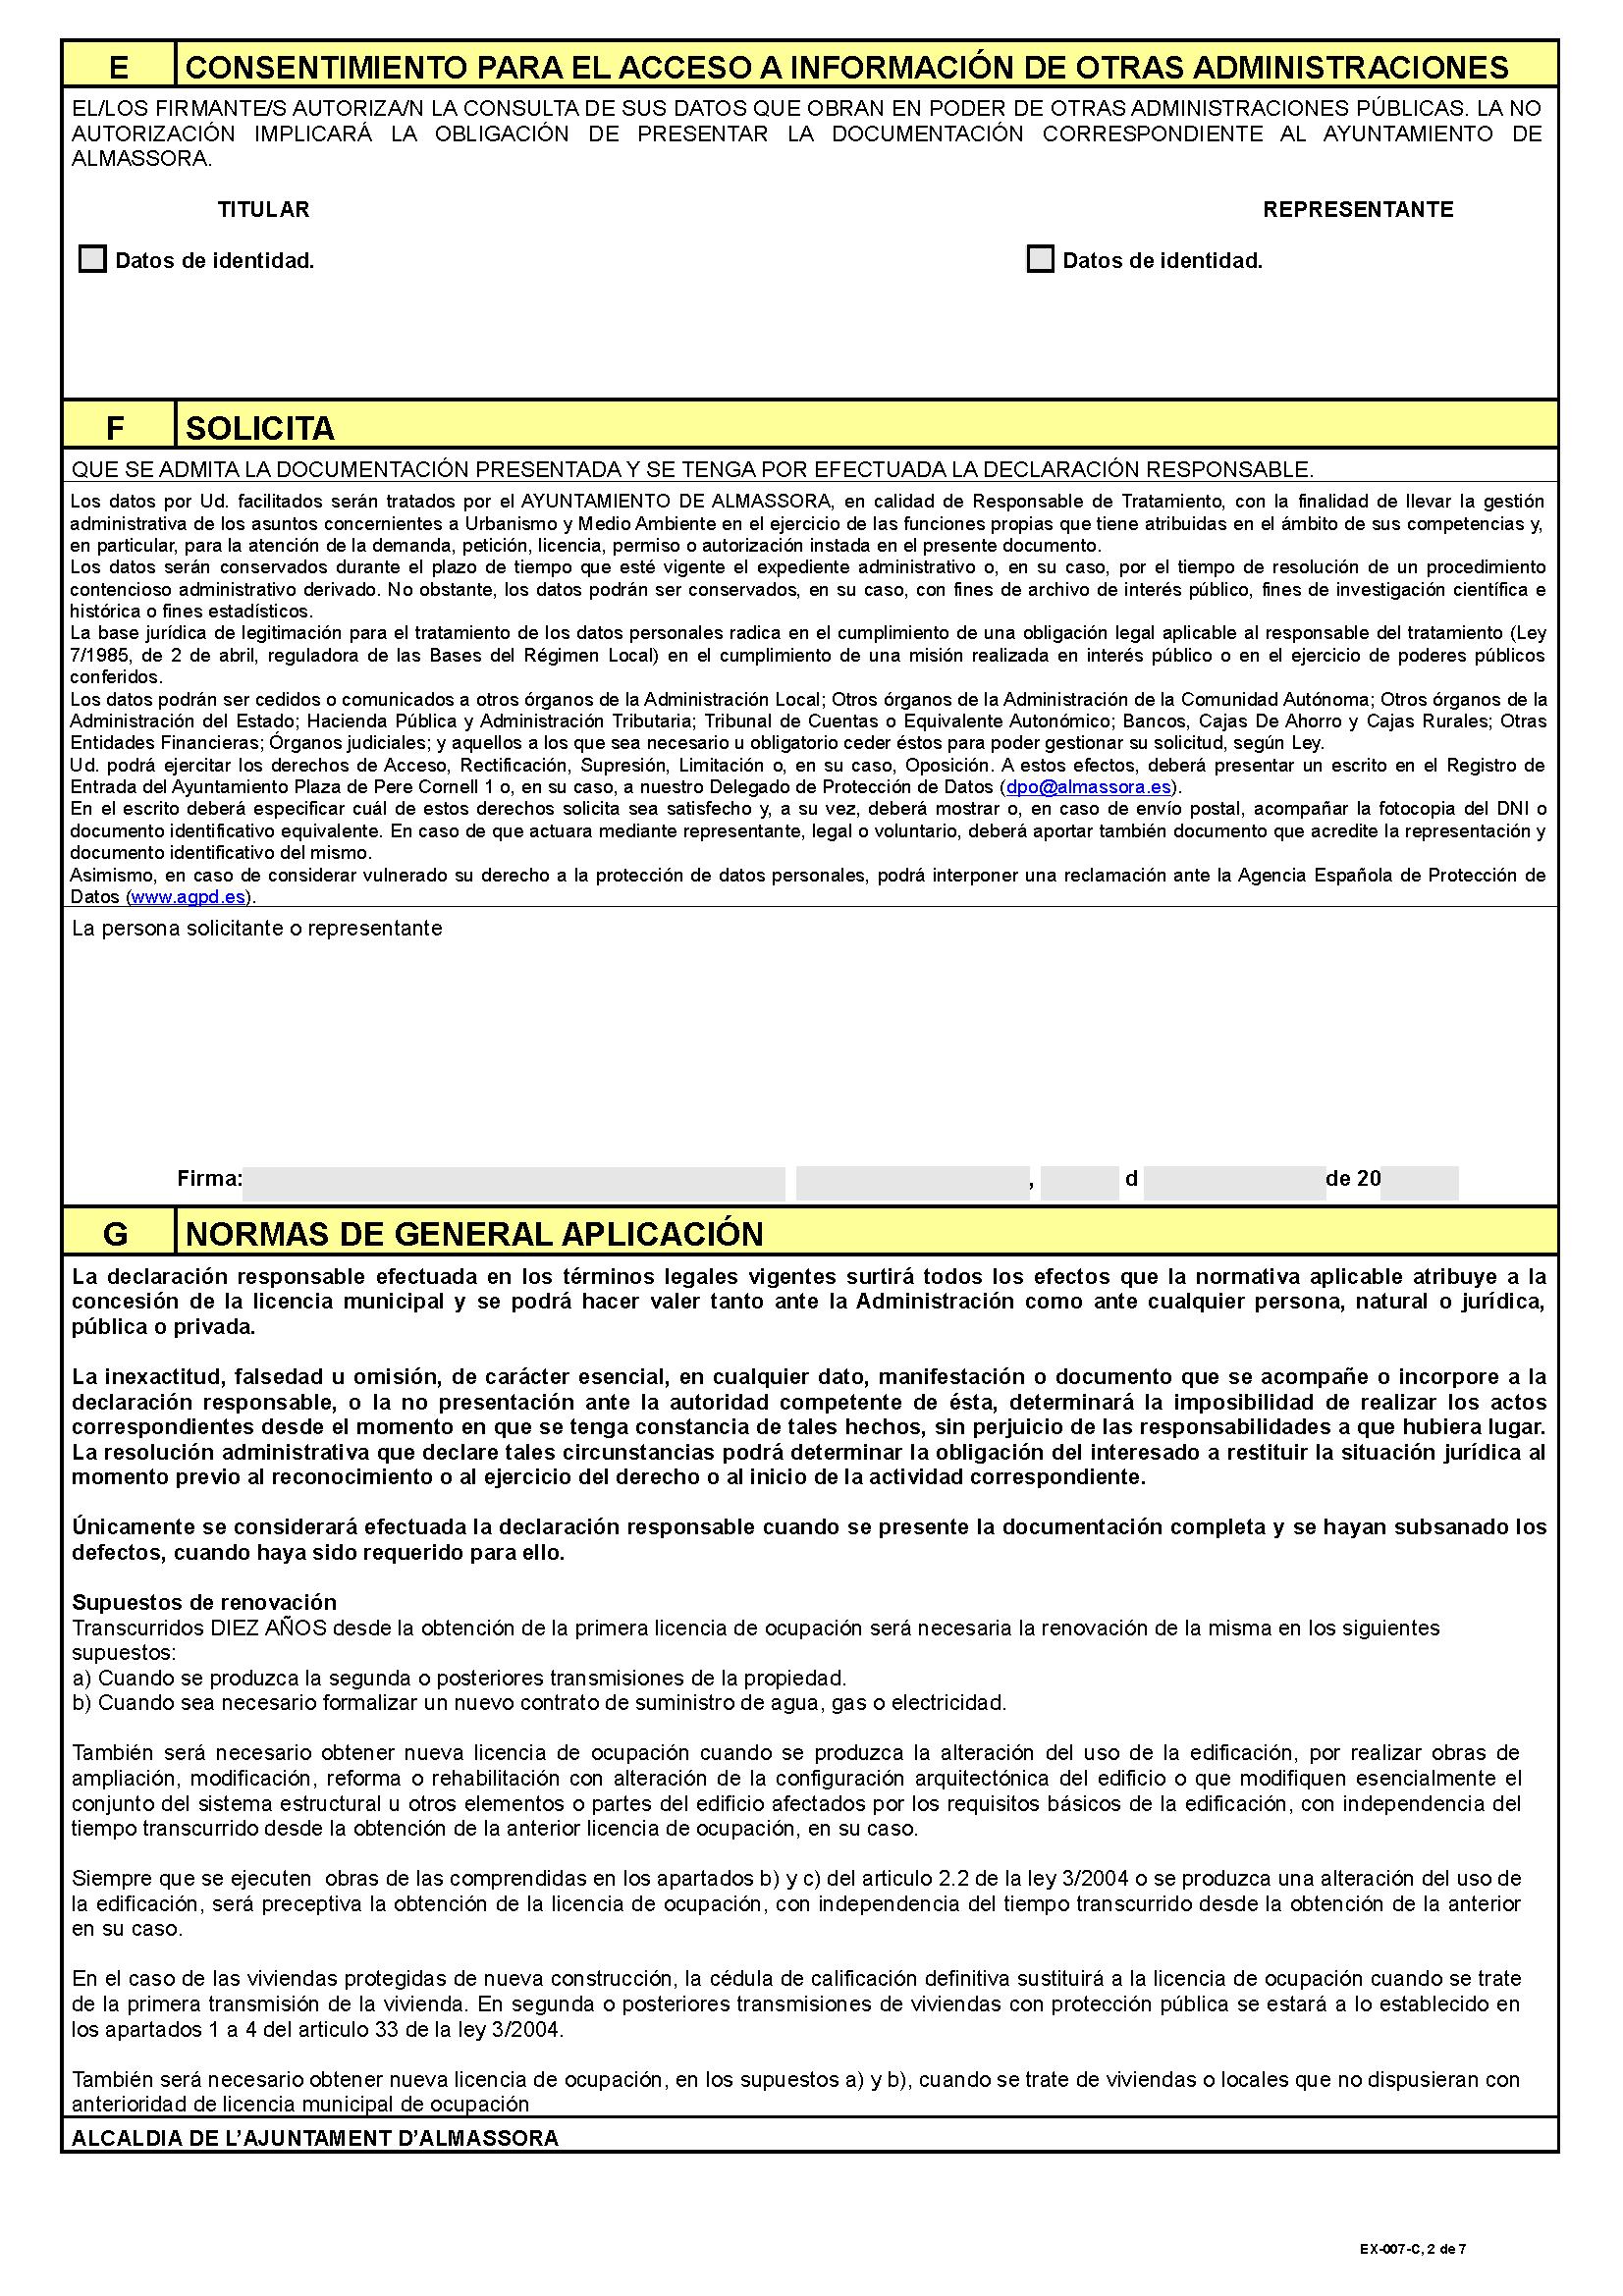 Impreso Declaración Responsable Segunda Ocupación Almassora